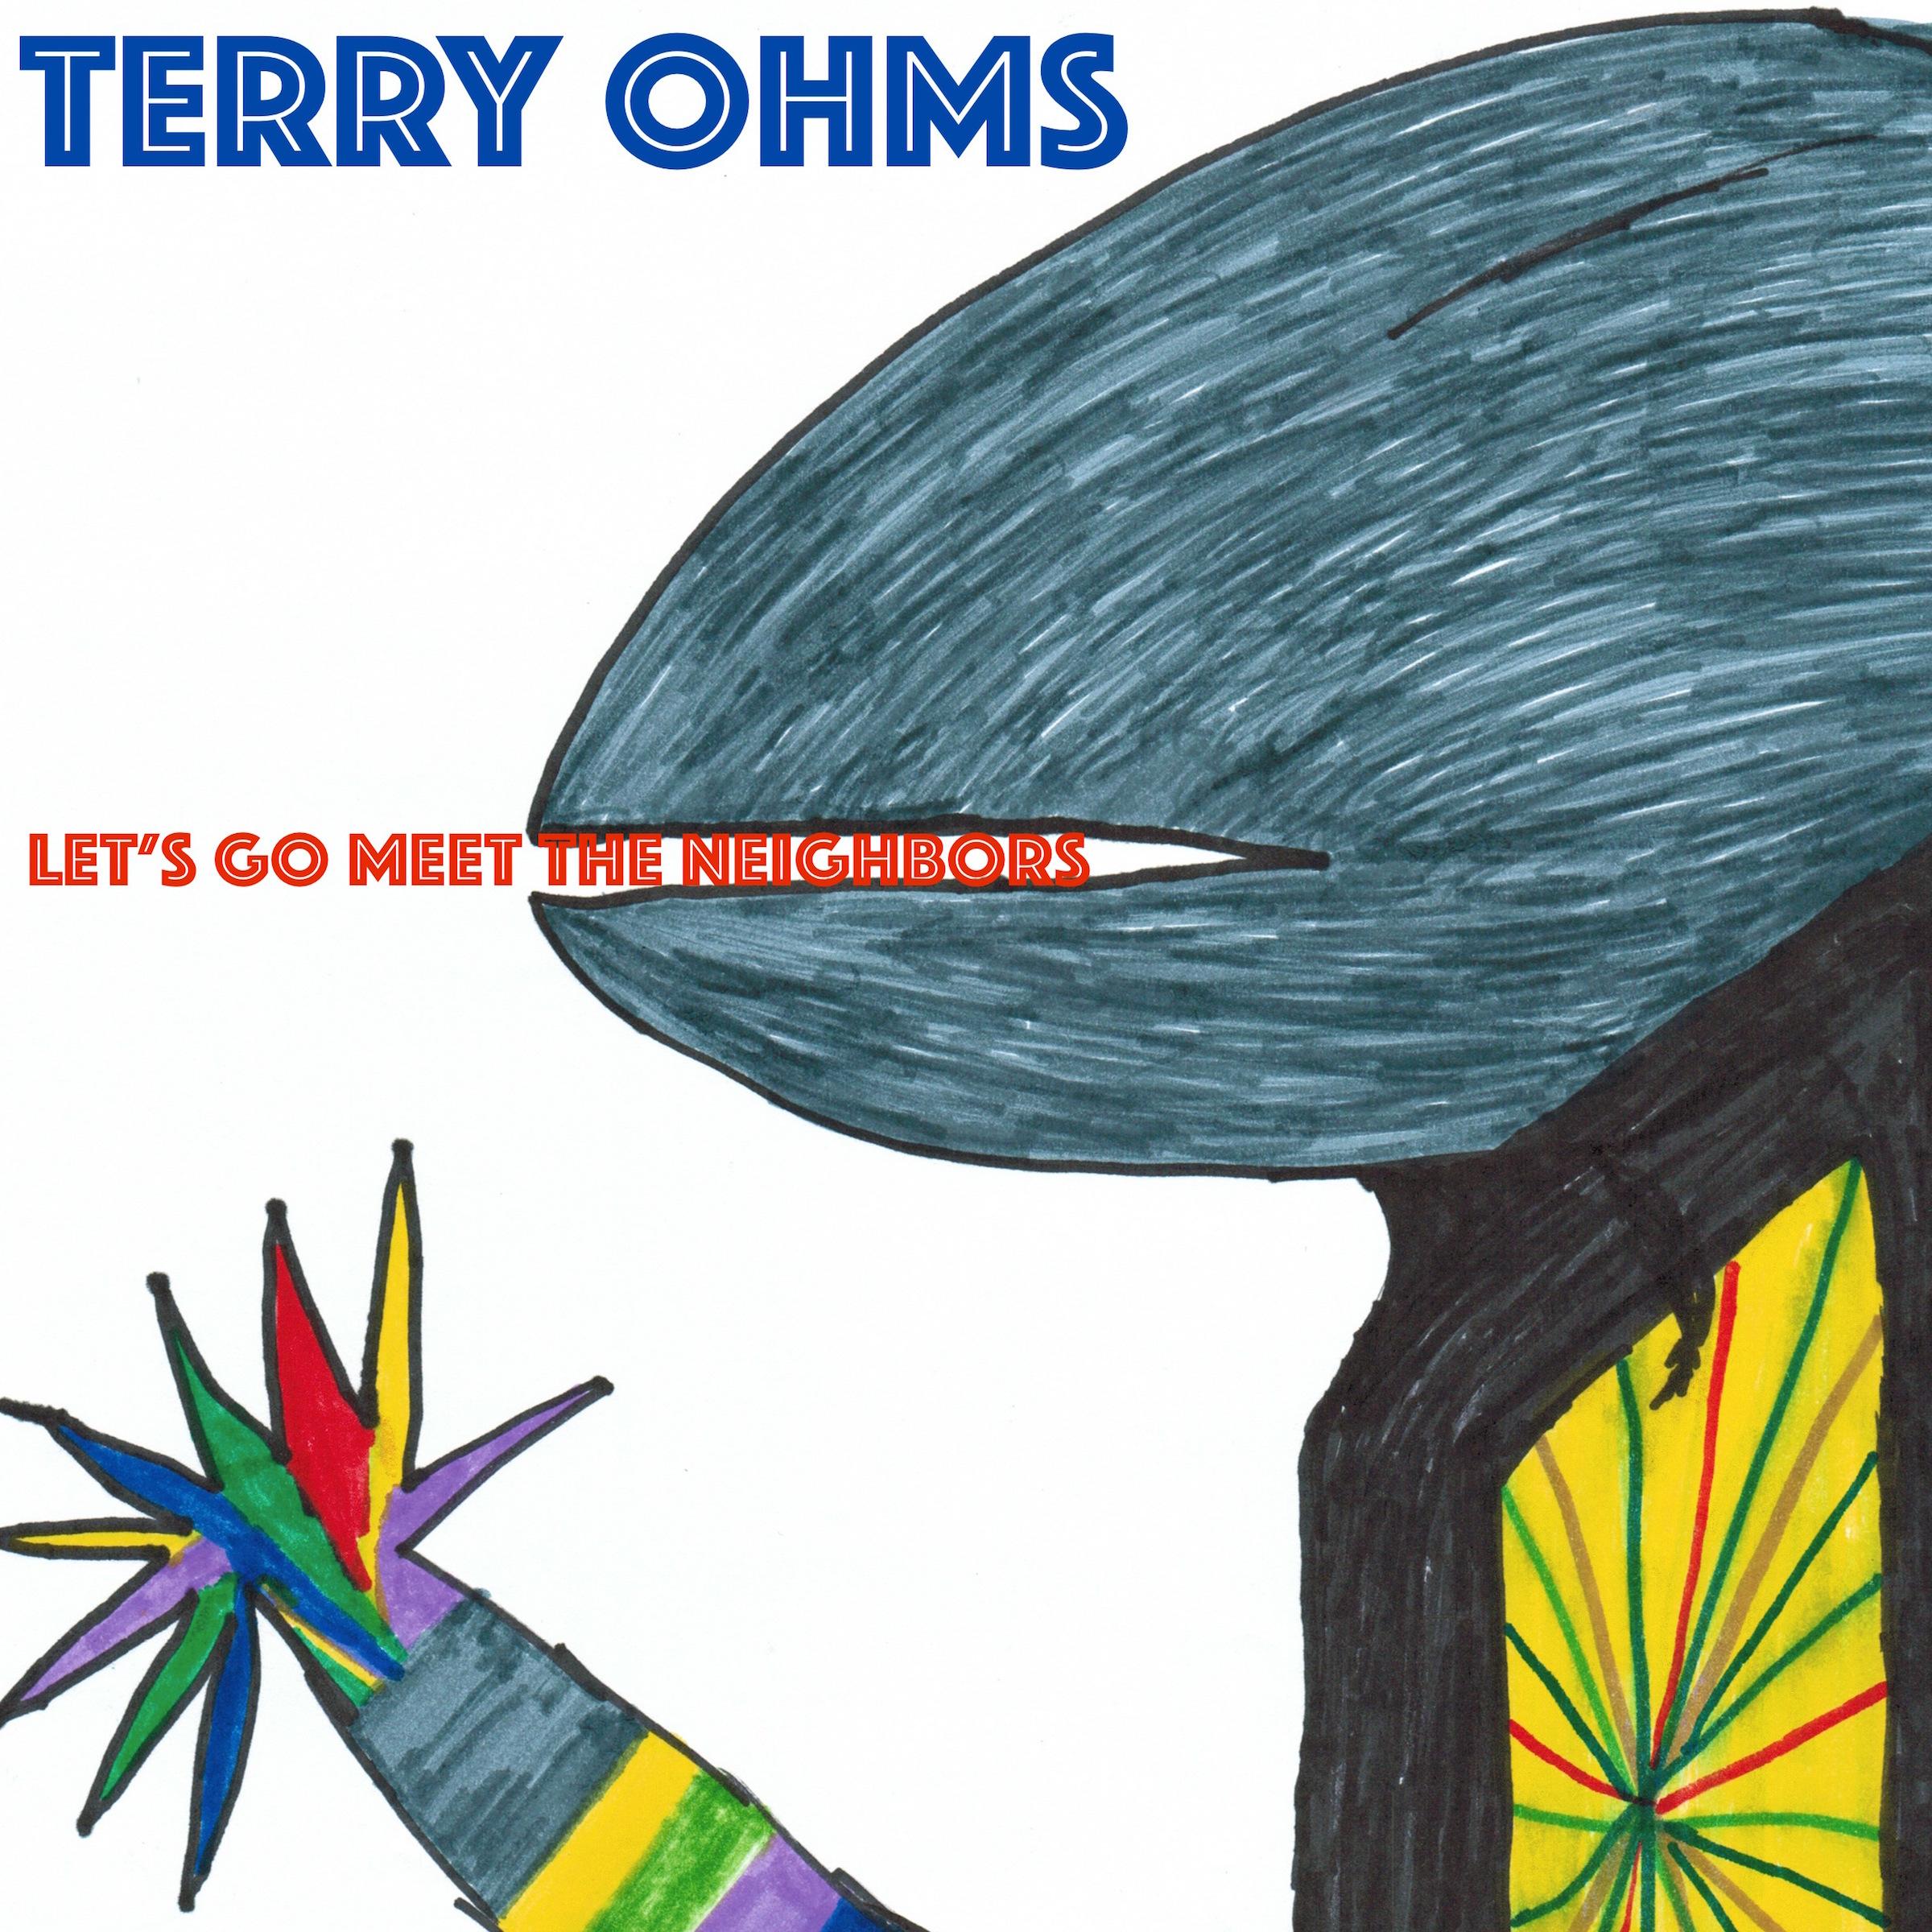 Terry Ohms - Let's Go Meet The Neighbors (original cover) 2400px 300dpi.jpg